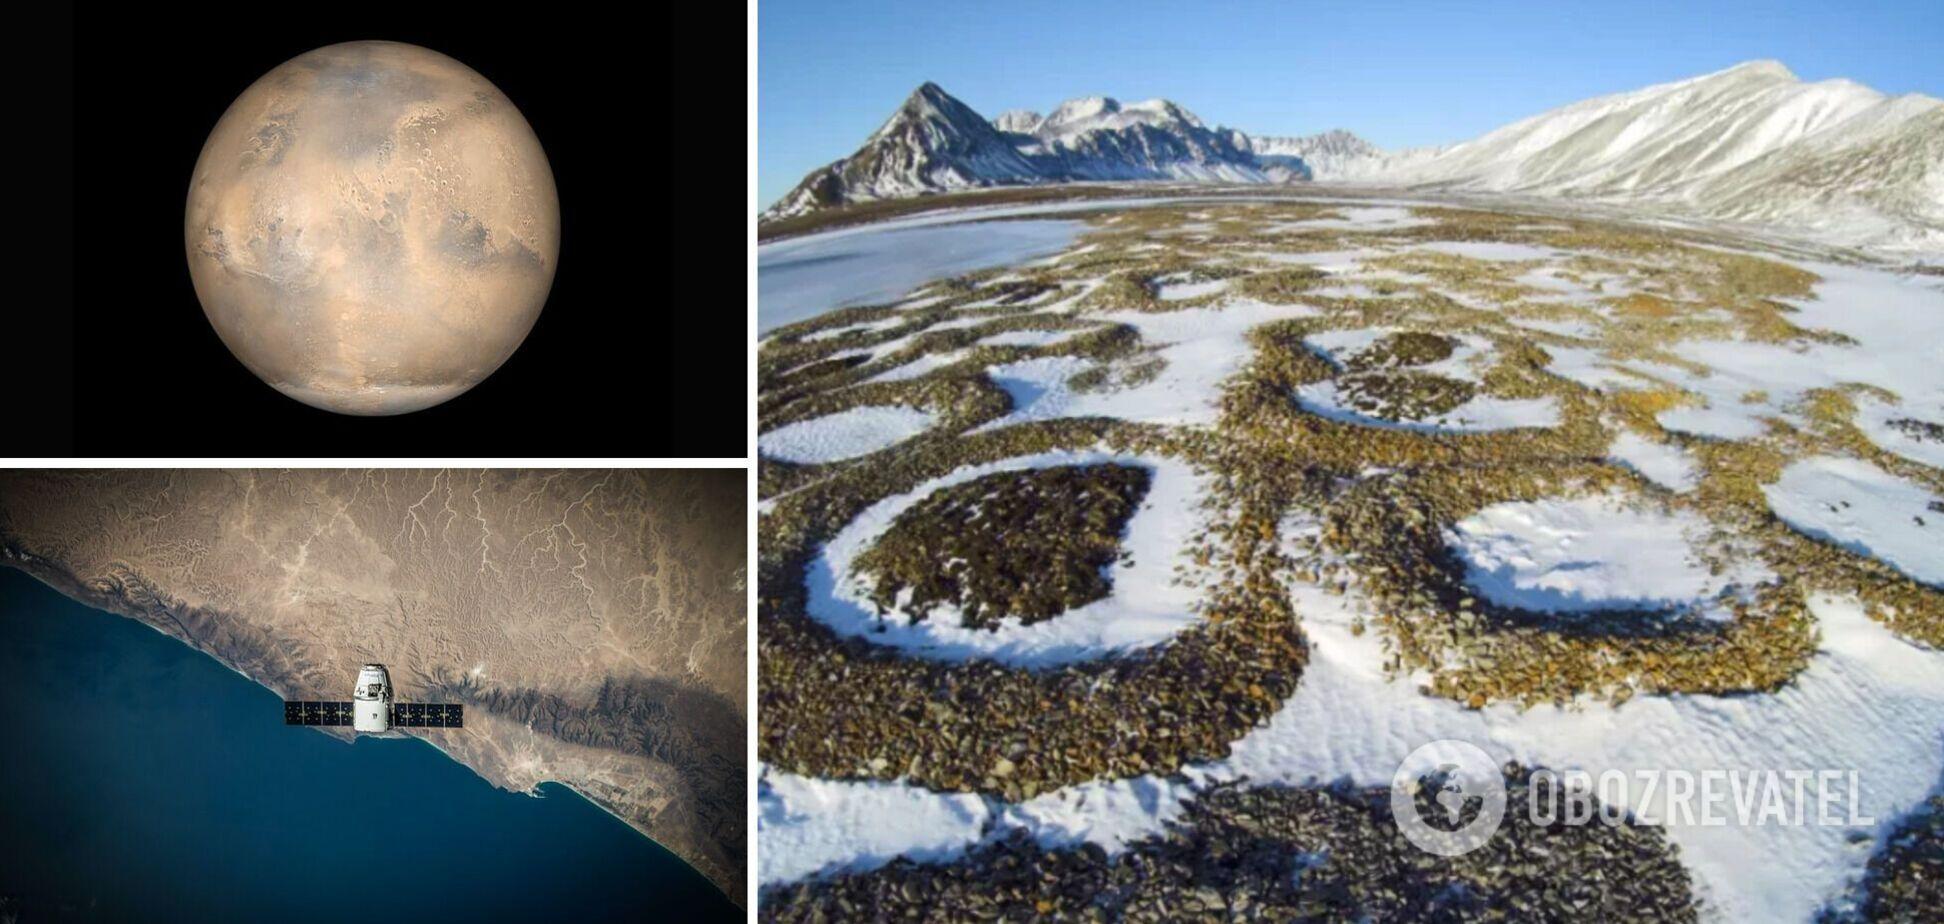 Як з'являються загадкові візерунки на Землі та Марсі: дослідники дали відповідь